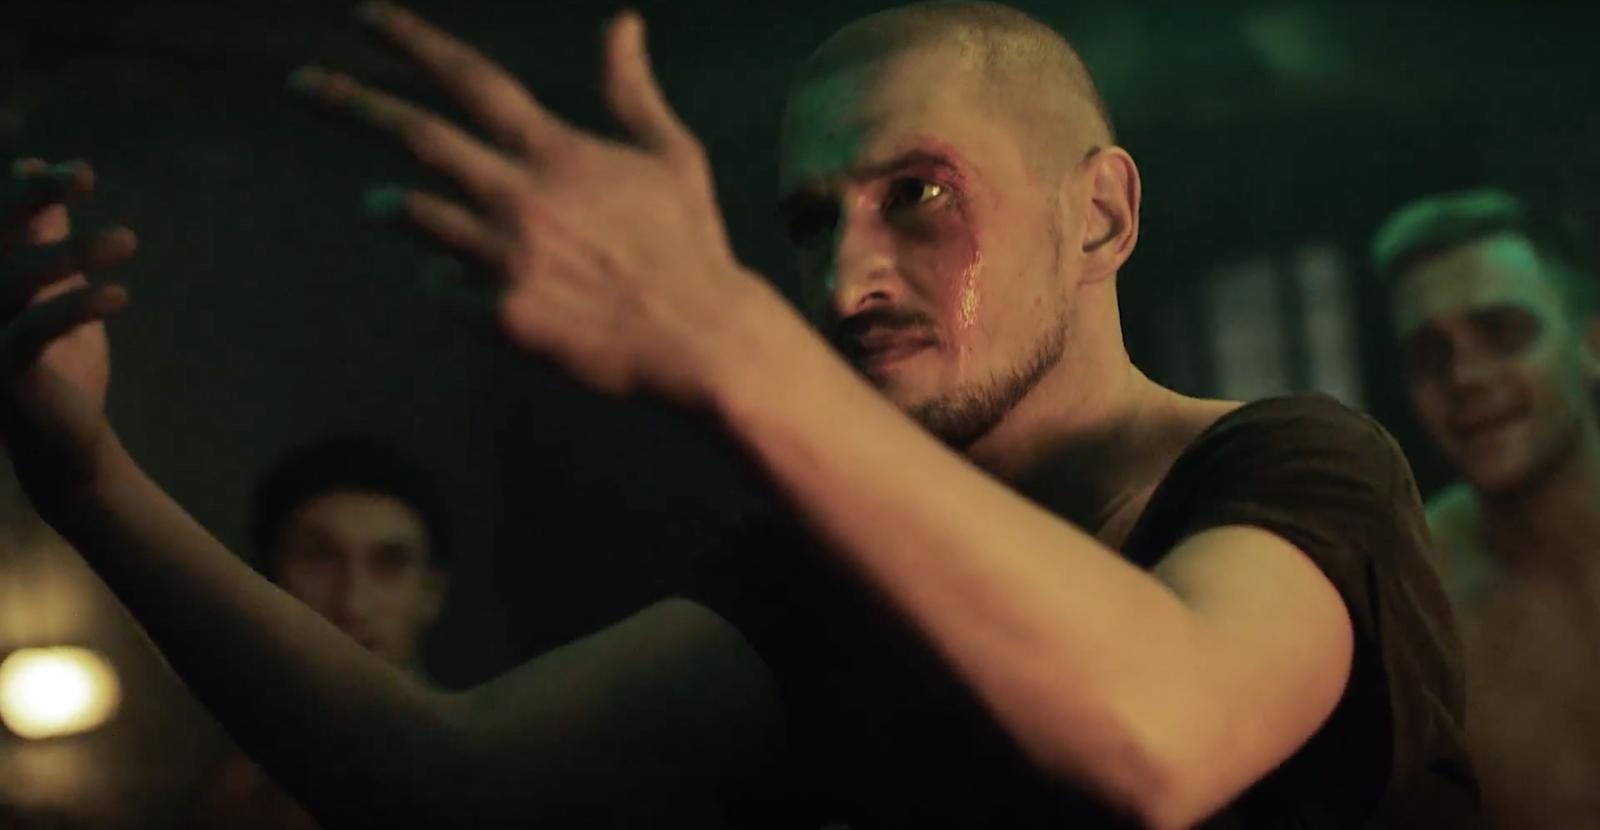 Надежда Мейхер изменила супругу с подопечным Лободы: премьера клипа Gadar